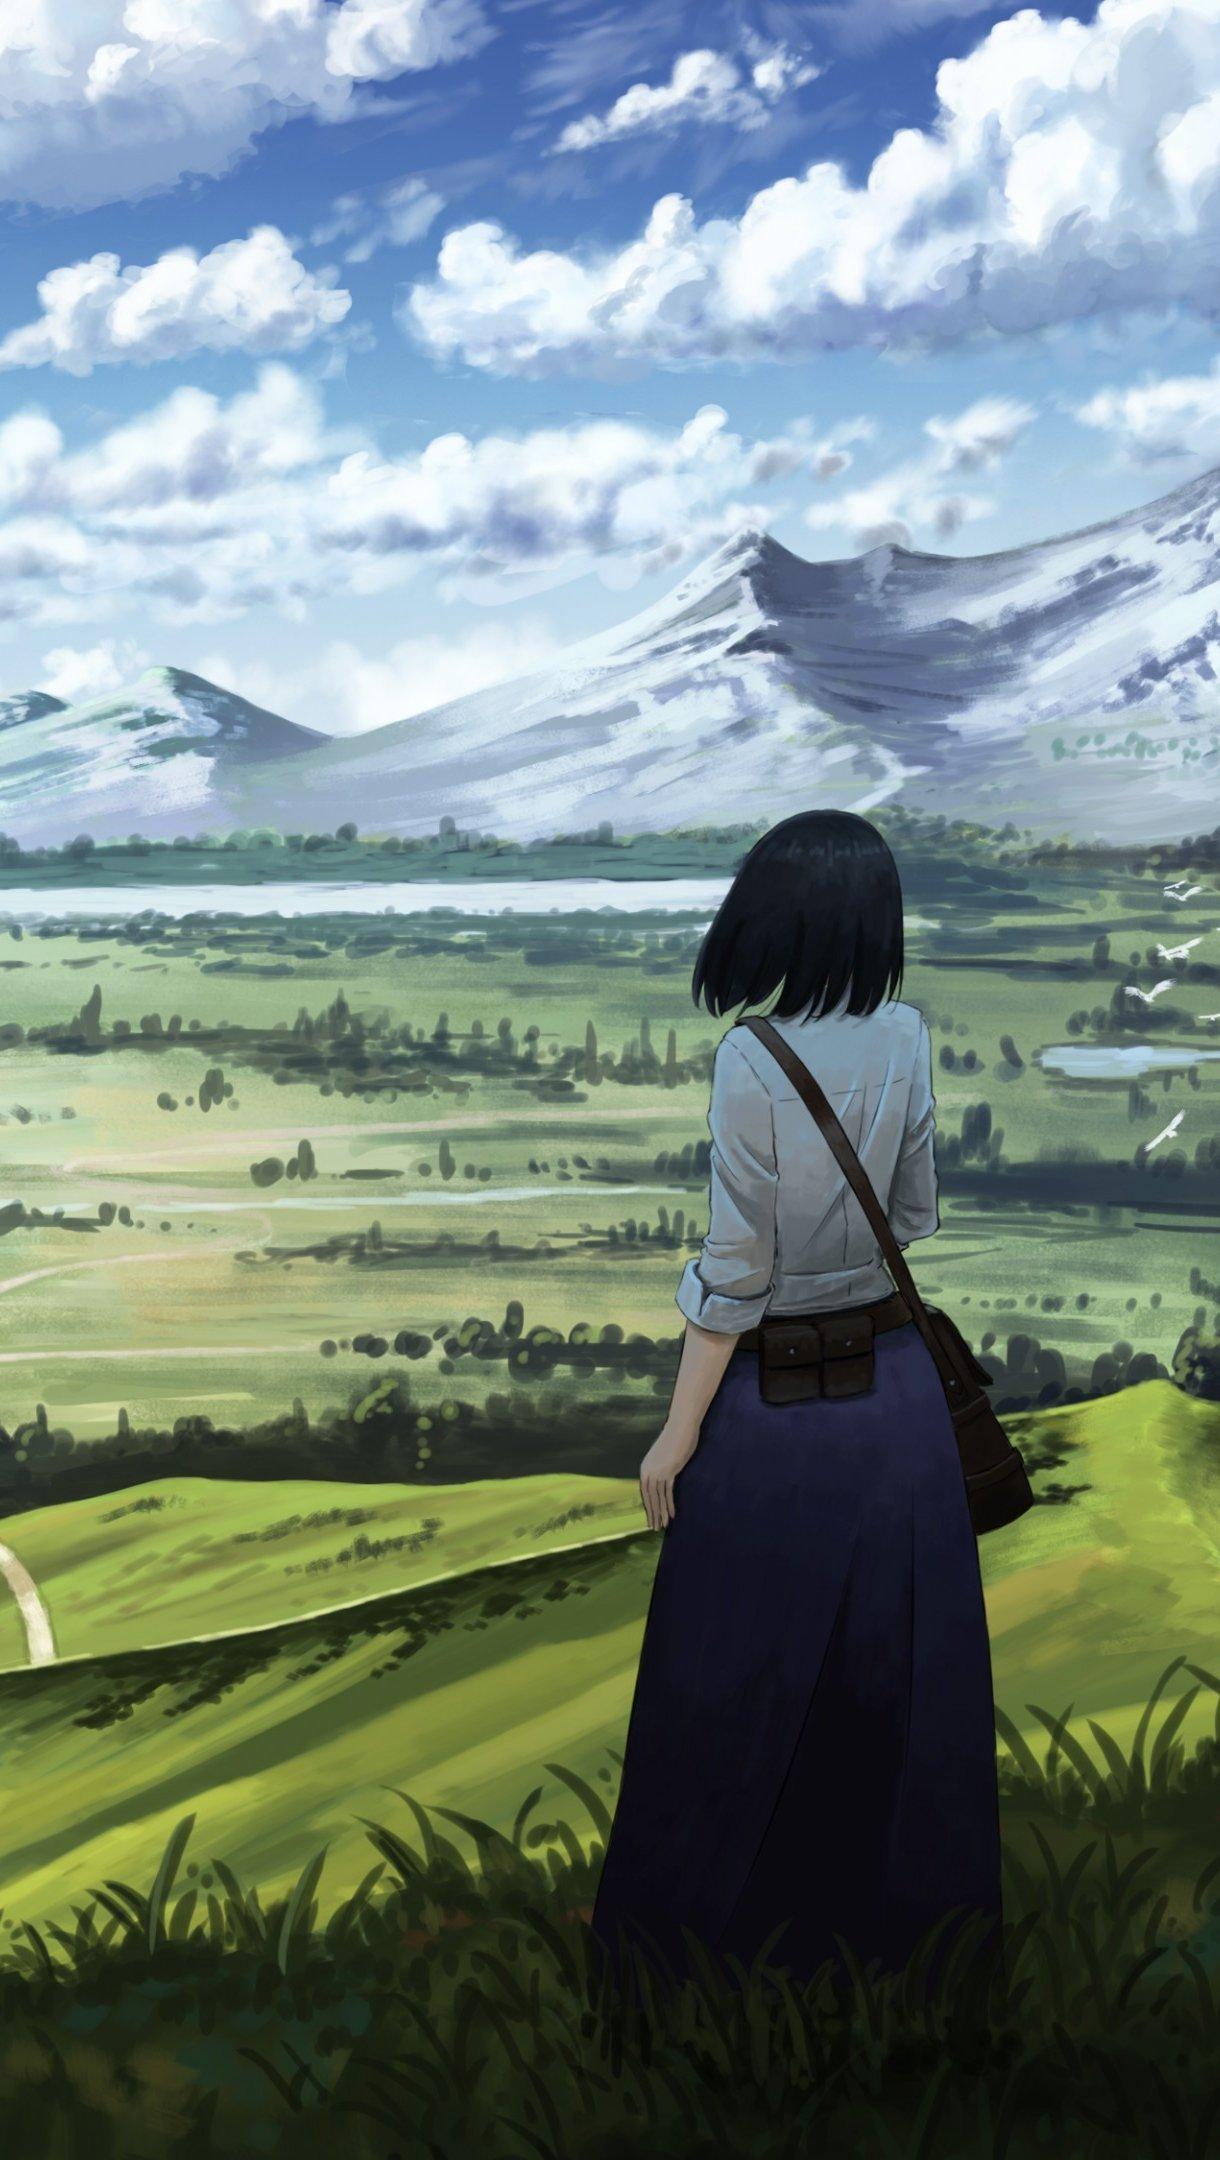 Fondos de pantalla Chica anime en paisaje Vertical